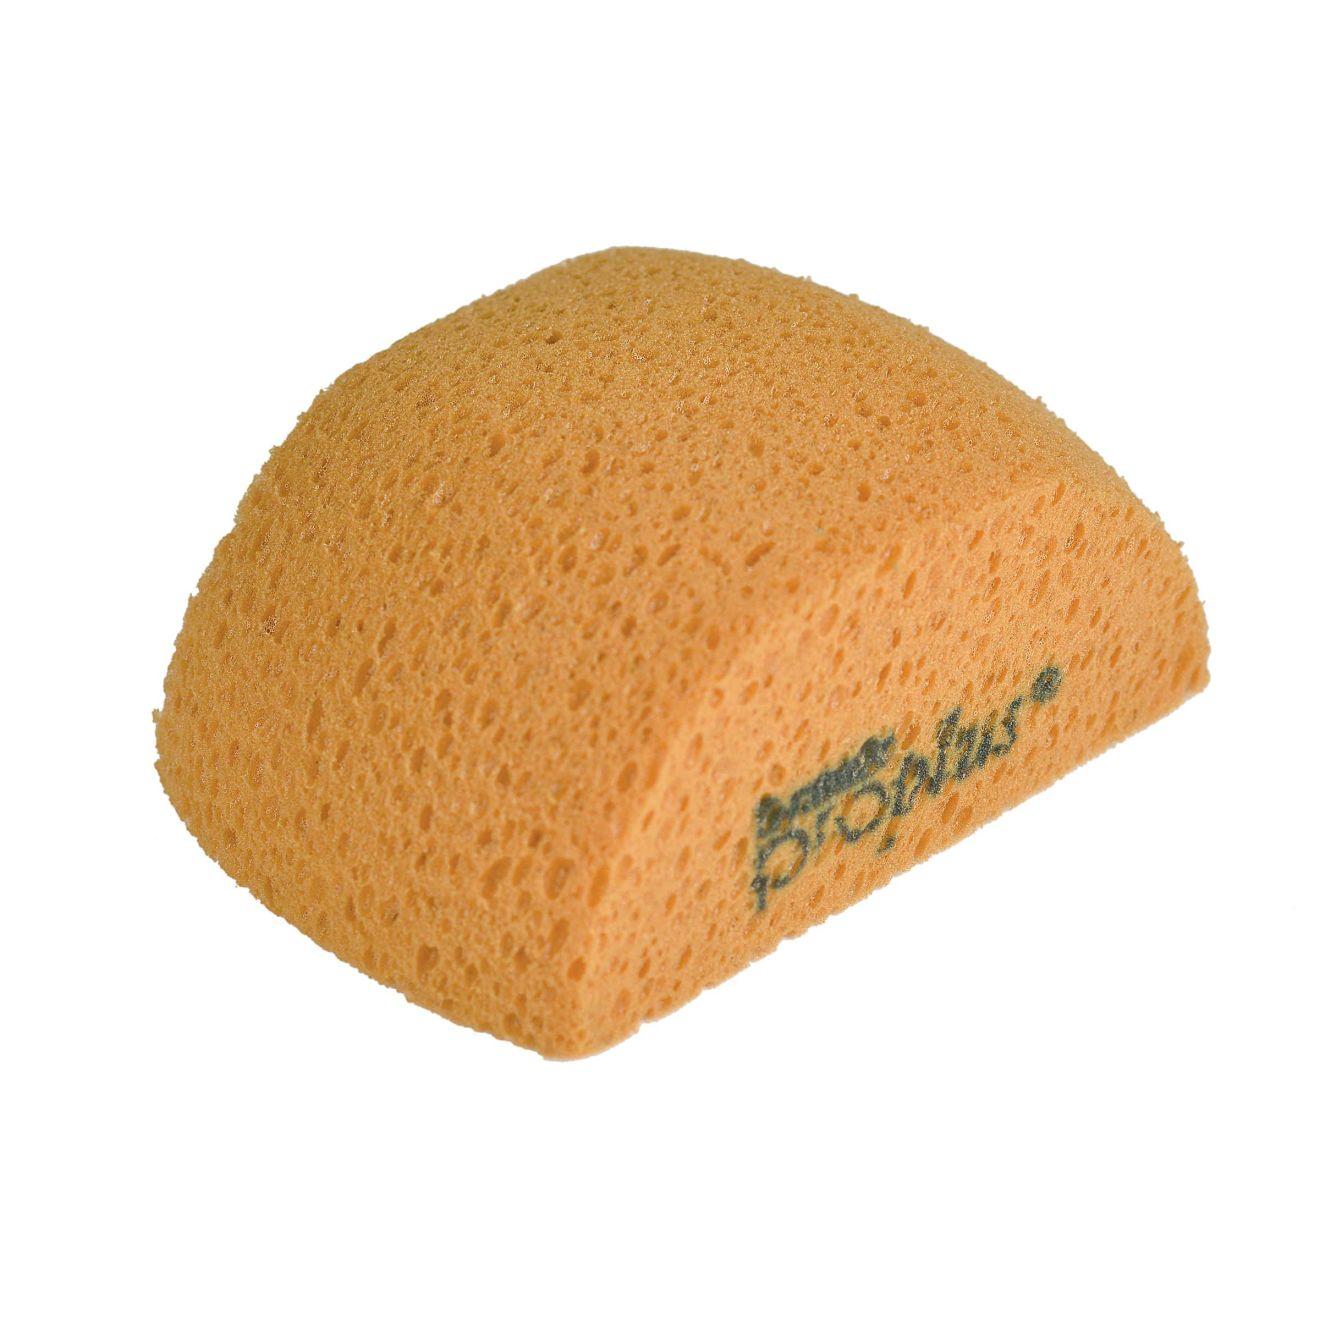 Armaly ProPlus Heavy Duty Clamshell Sponge